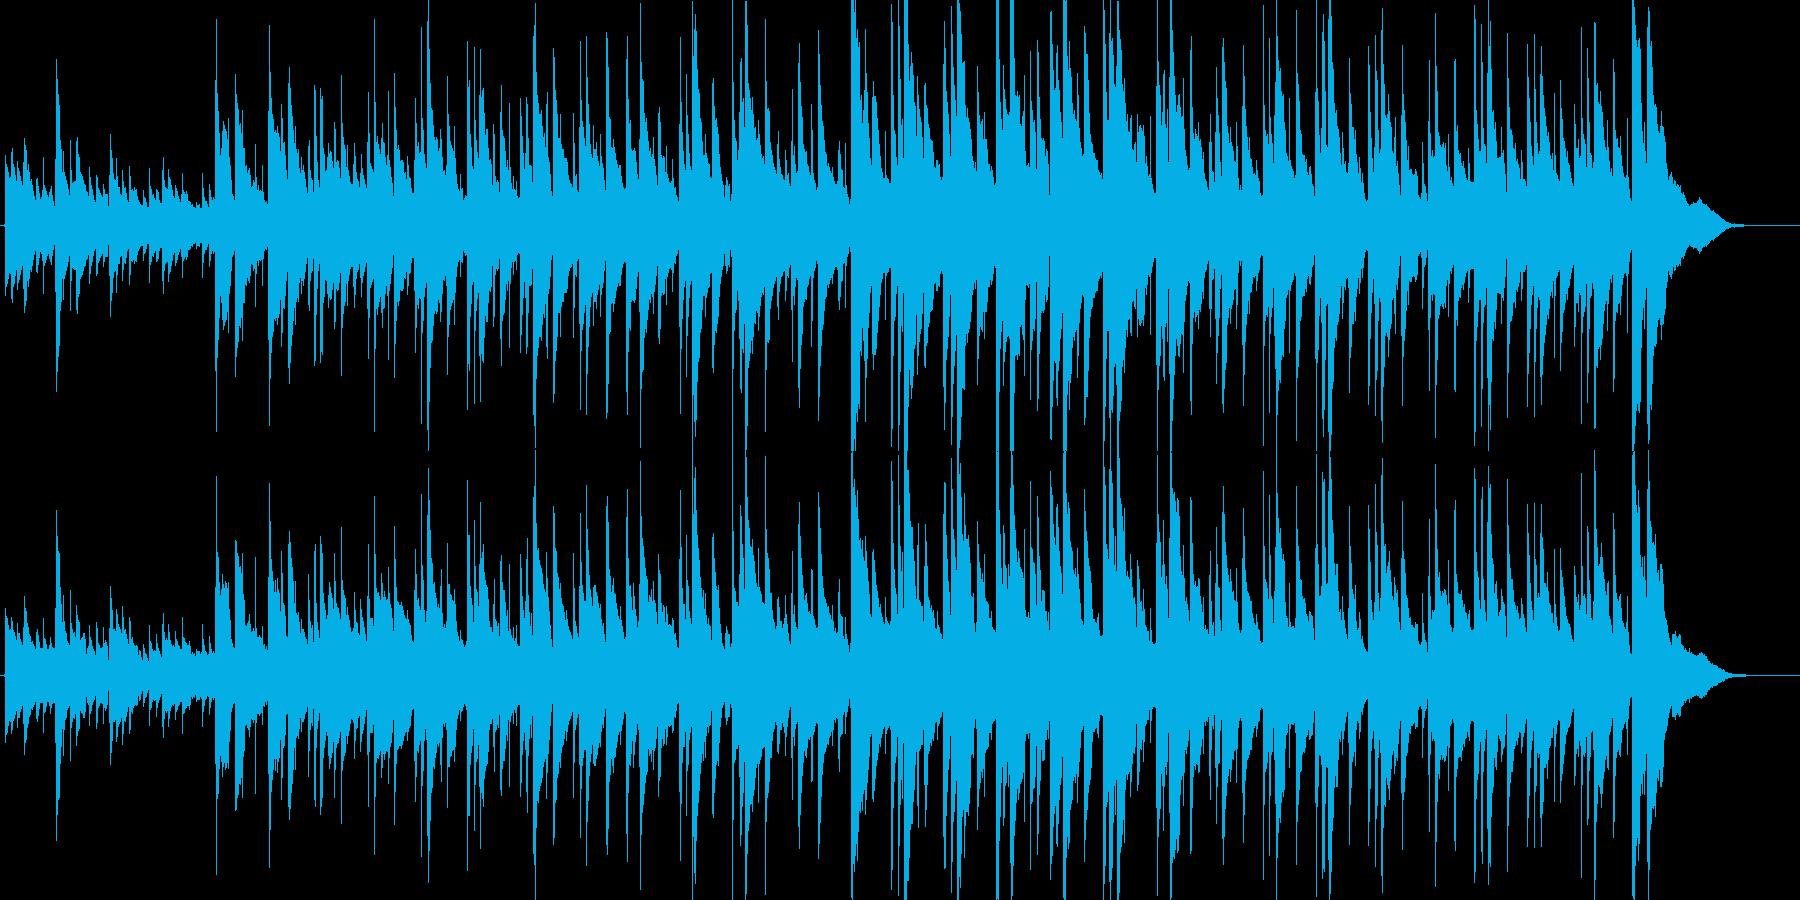 リラックスできるほのぼのまったりアコギ曲の再生済みの波形